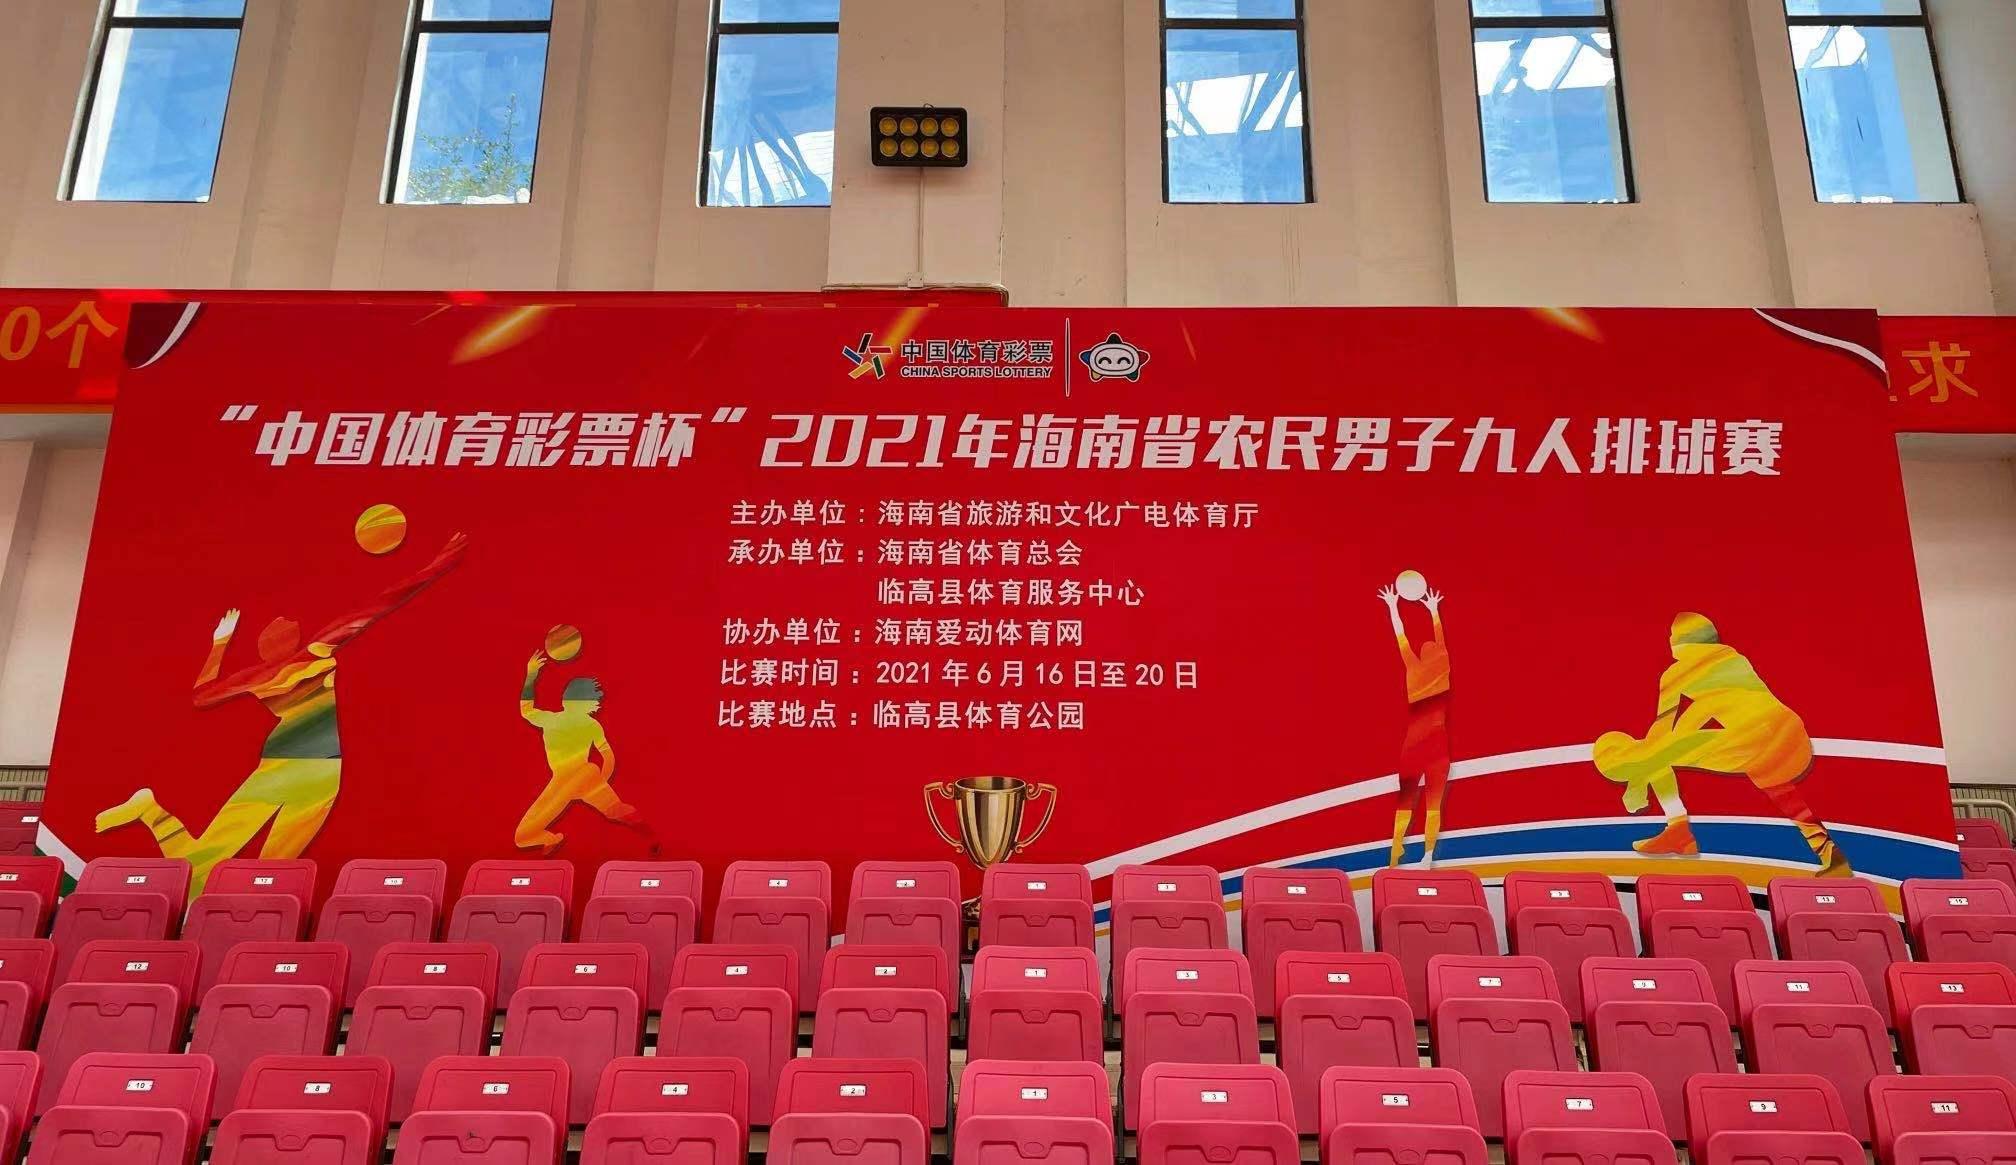 2021年海南省农民男子九人排球赛 第四轮 18号下午